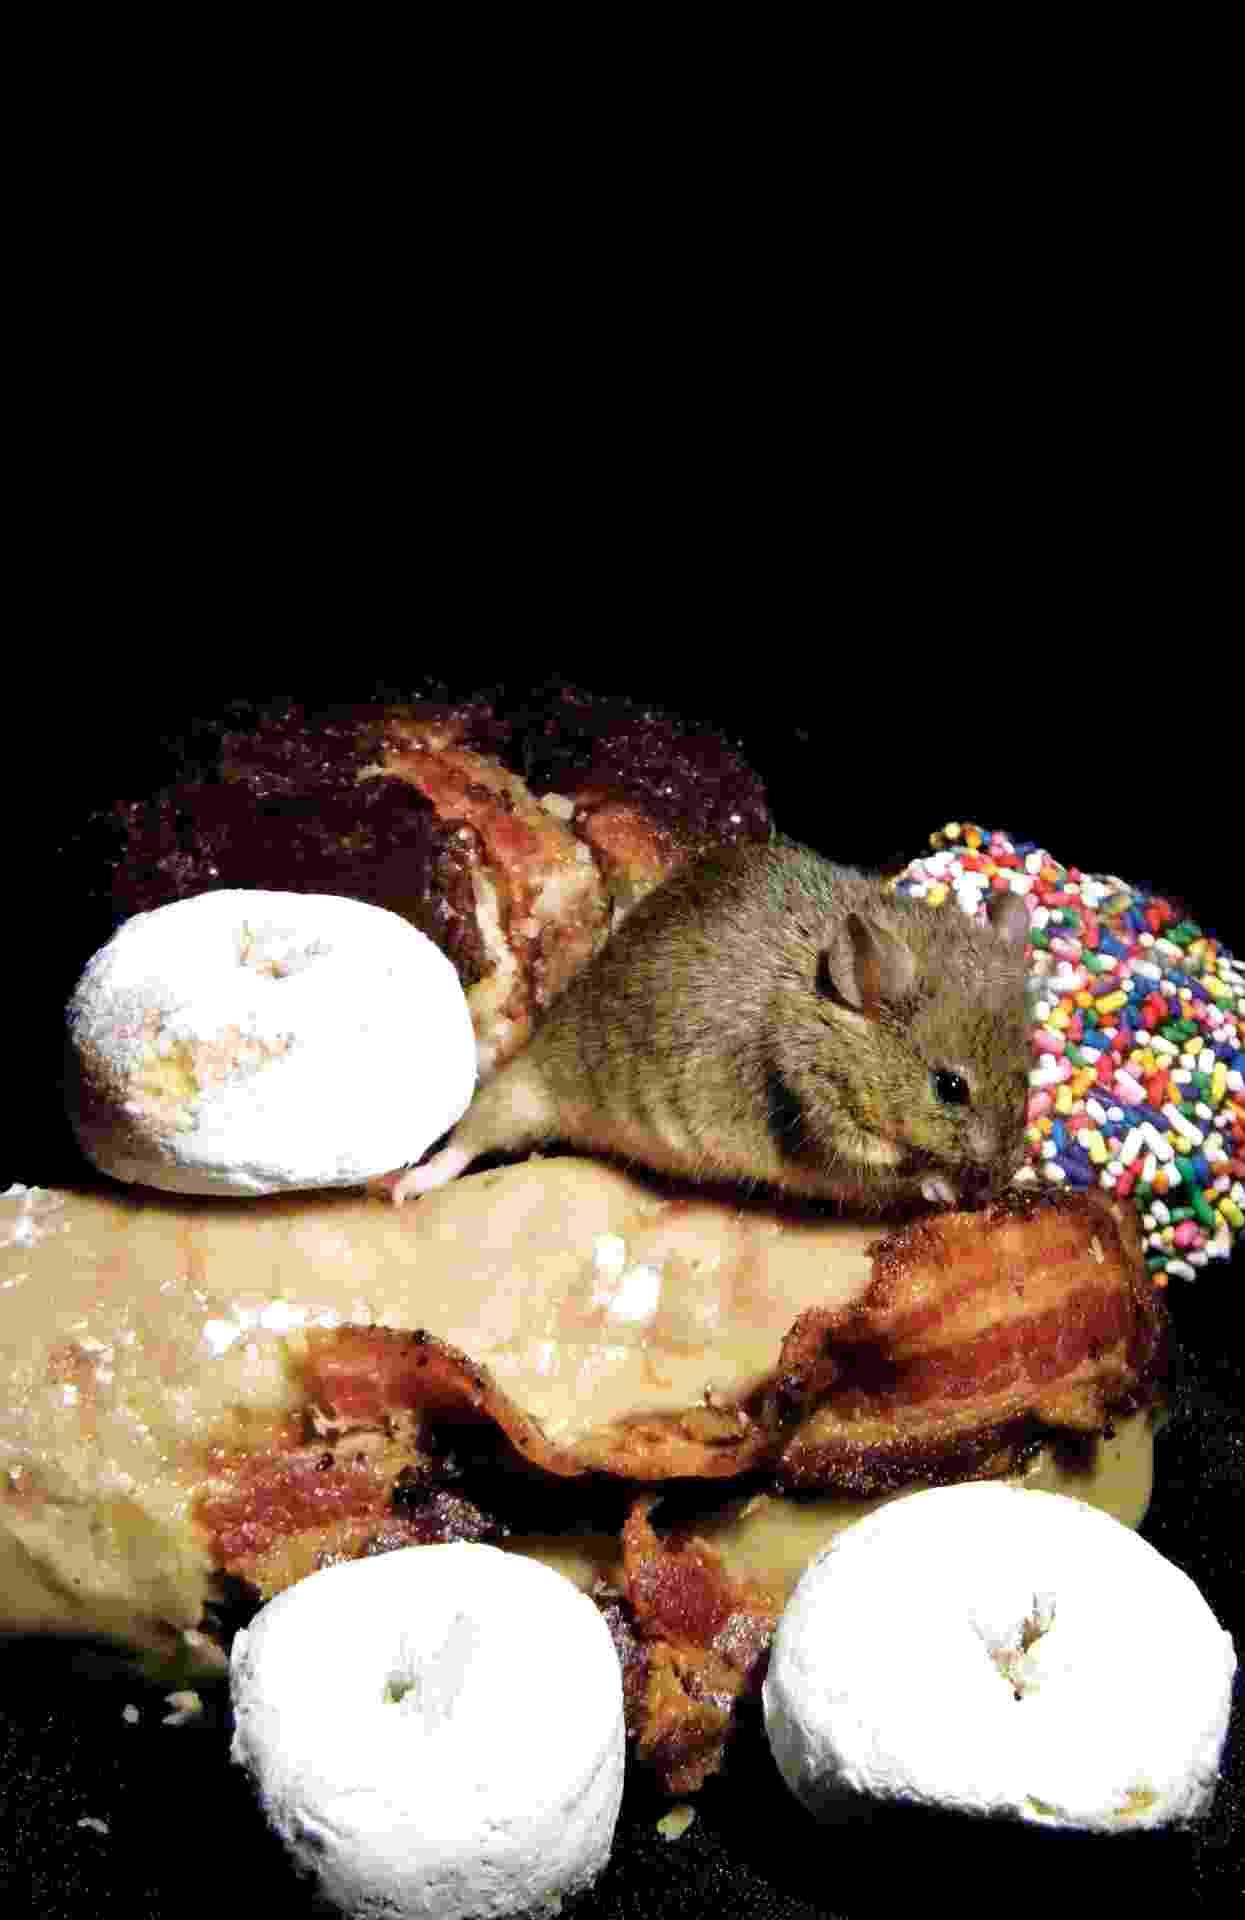 26.set.2013 - Cientistas identificaram um circuito cerebral da compulsão alimentar após observações de neurônios de camundongos que atuam no hipotálamo lateral, região responsável por controlar impulsos. Esse circuito fazia as cobaias continuarem a comer mesmo depois de alimentadas, assim como levava os animais a recusarem comida quando famintos - Dakota Rose/Science